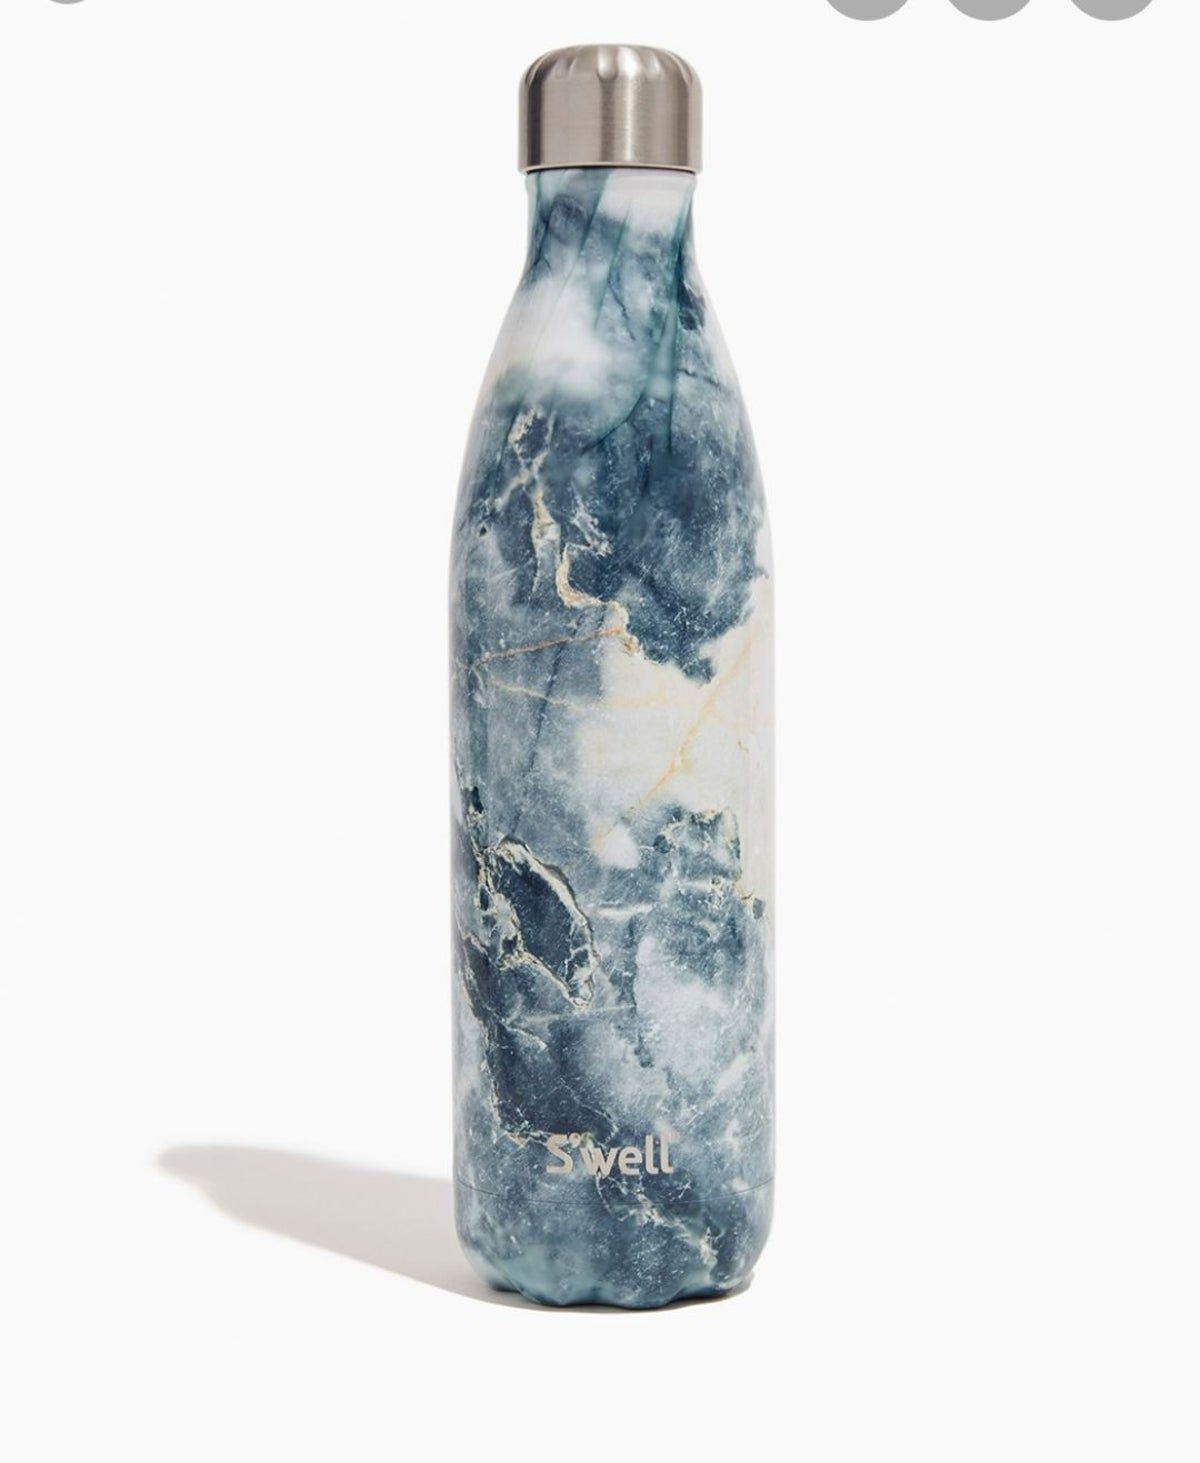 S Well Water Bottle Blue Marble 17 Fl Oz Bottle Water Bottle Swell Bottle